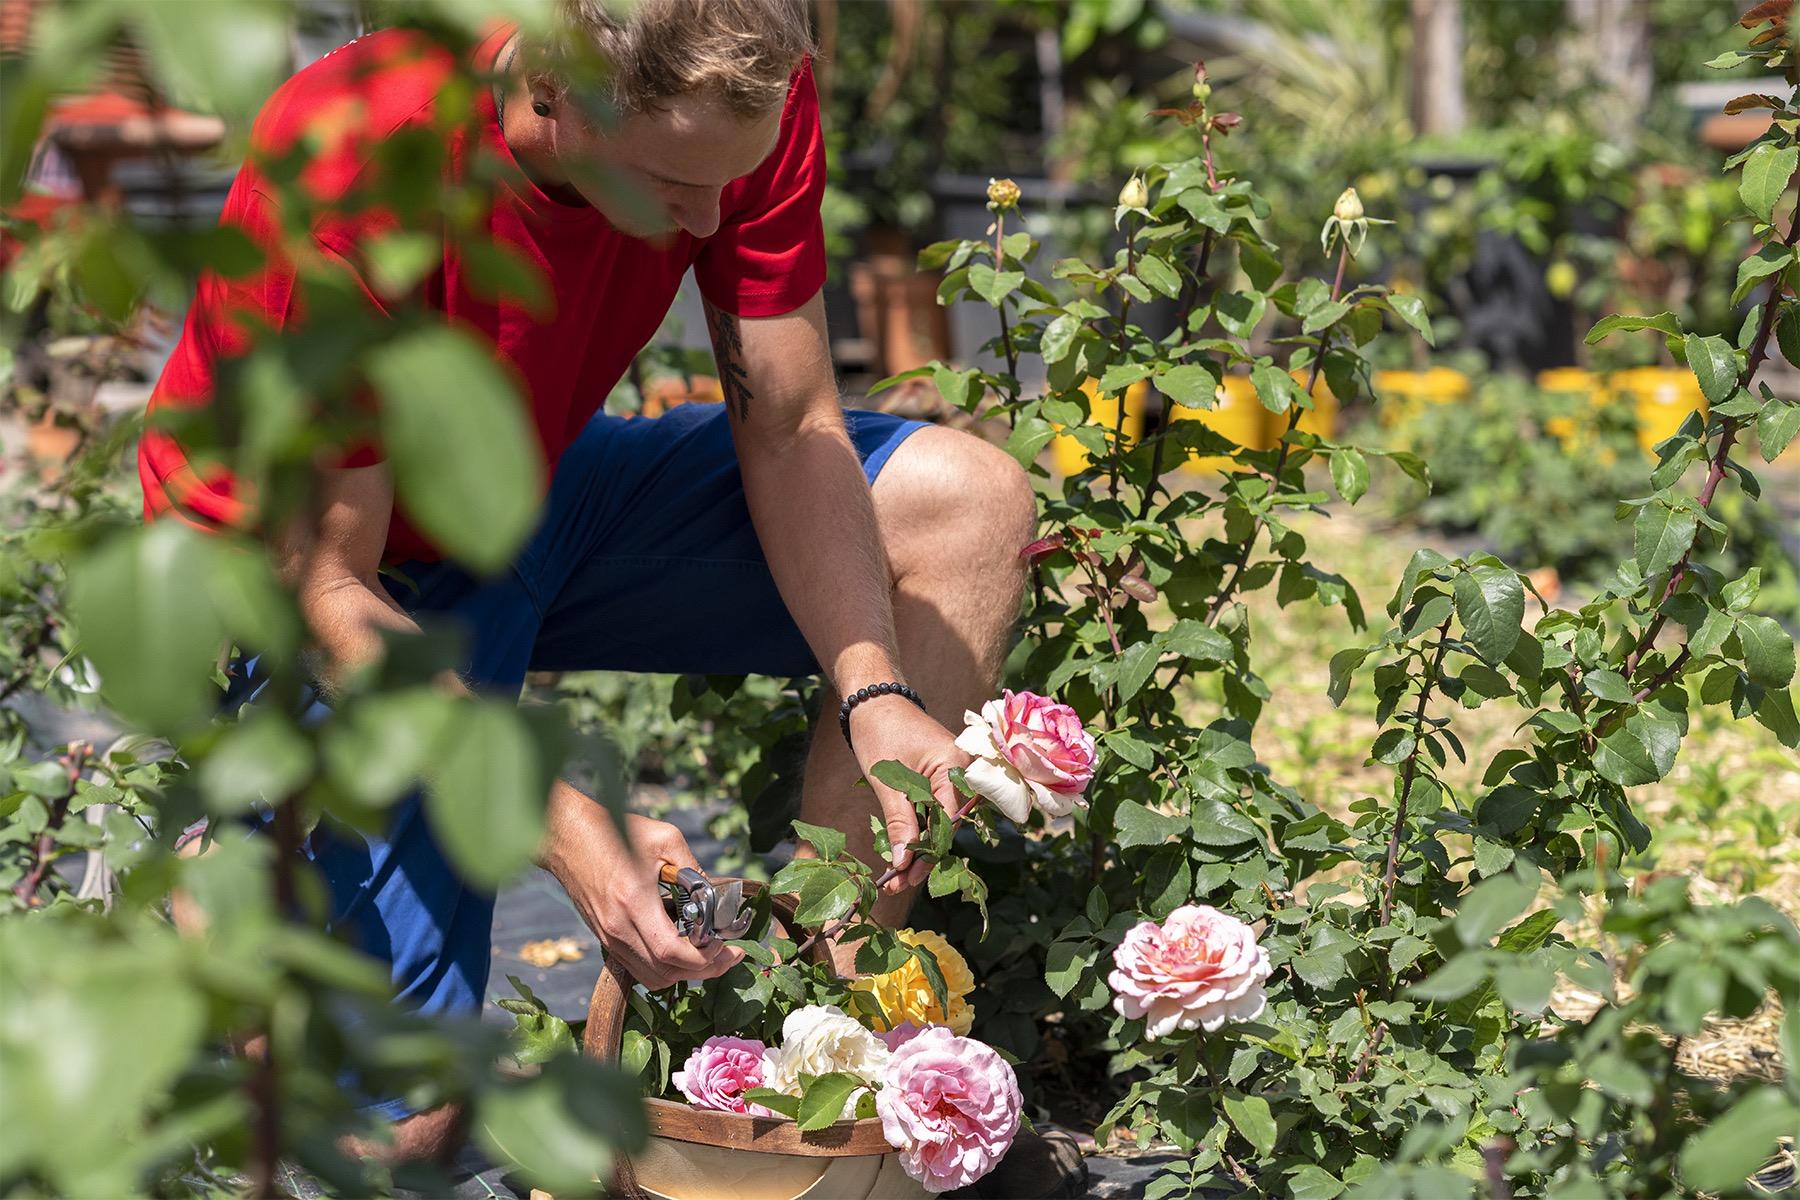 Schnittblumen vom eigenen Feld - Ihren Blumenstrauß säen wir eigenhändig aus